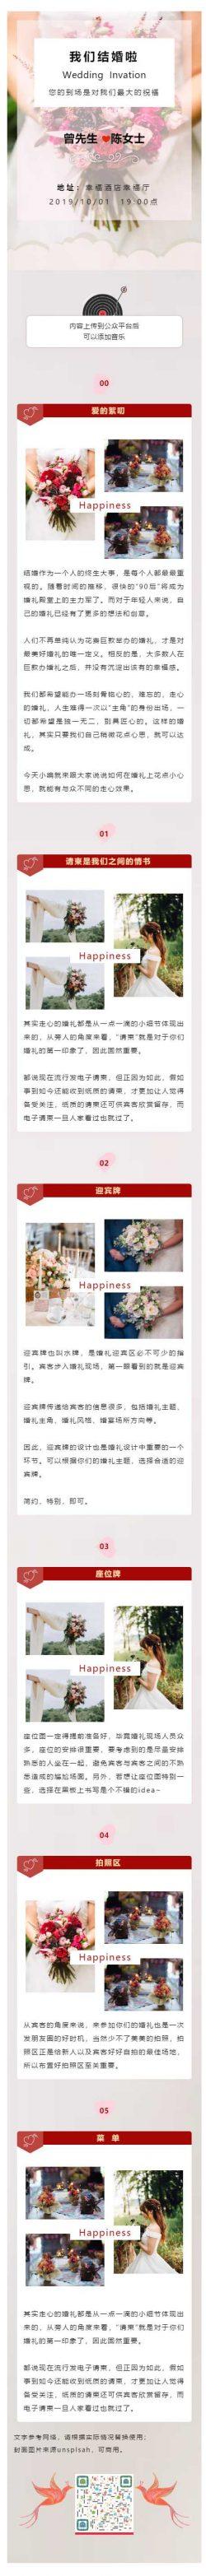 结婚婚庆粉红色婚礼微信推文模板推送文章素材